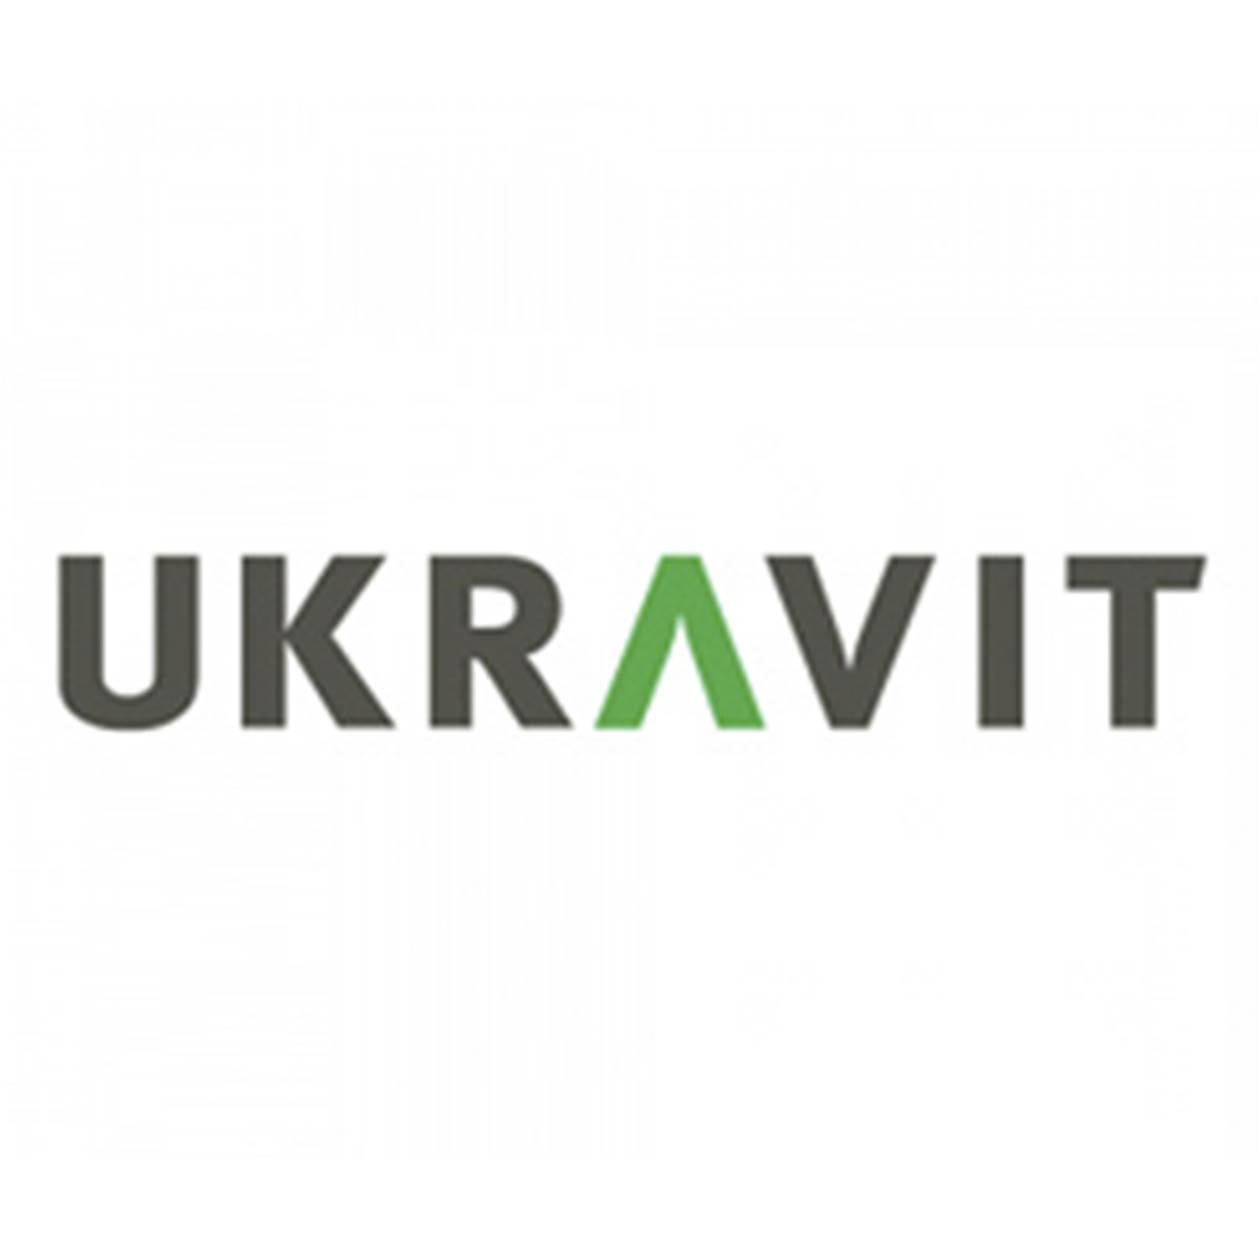 Ukravit